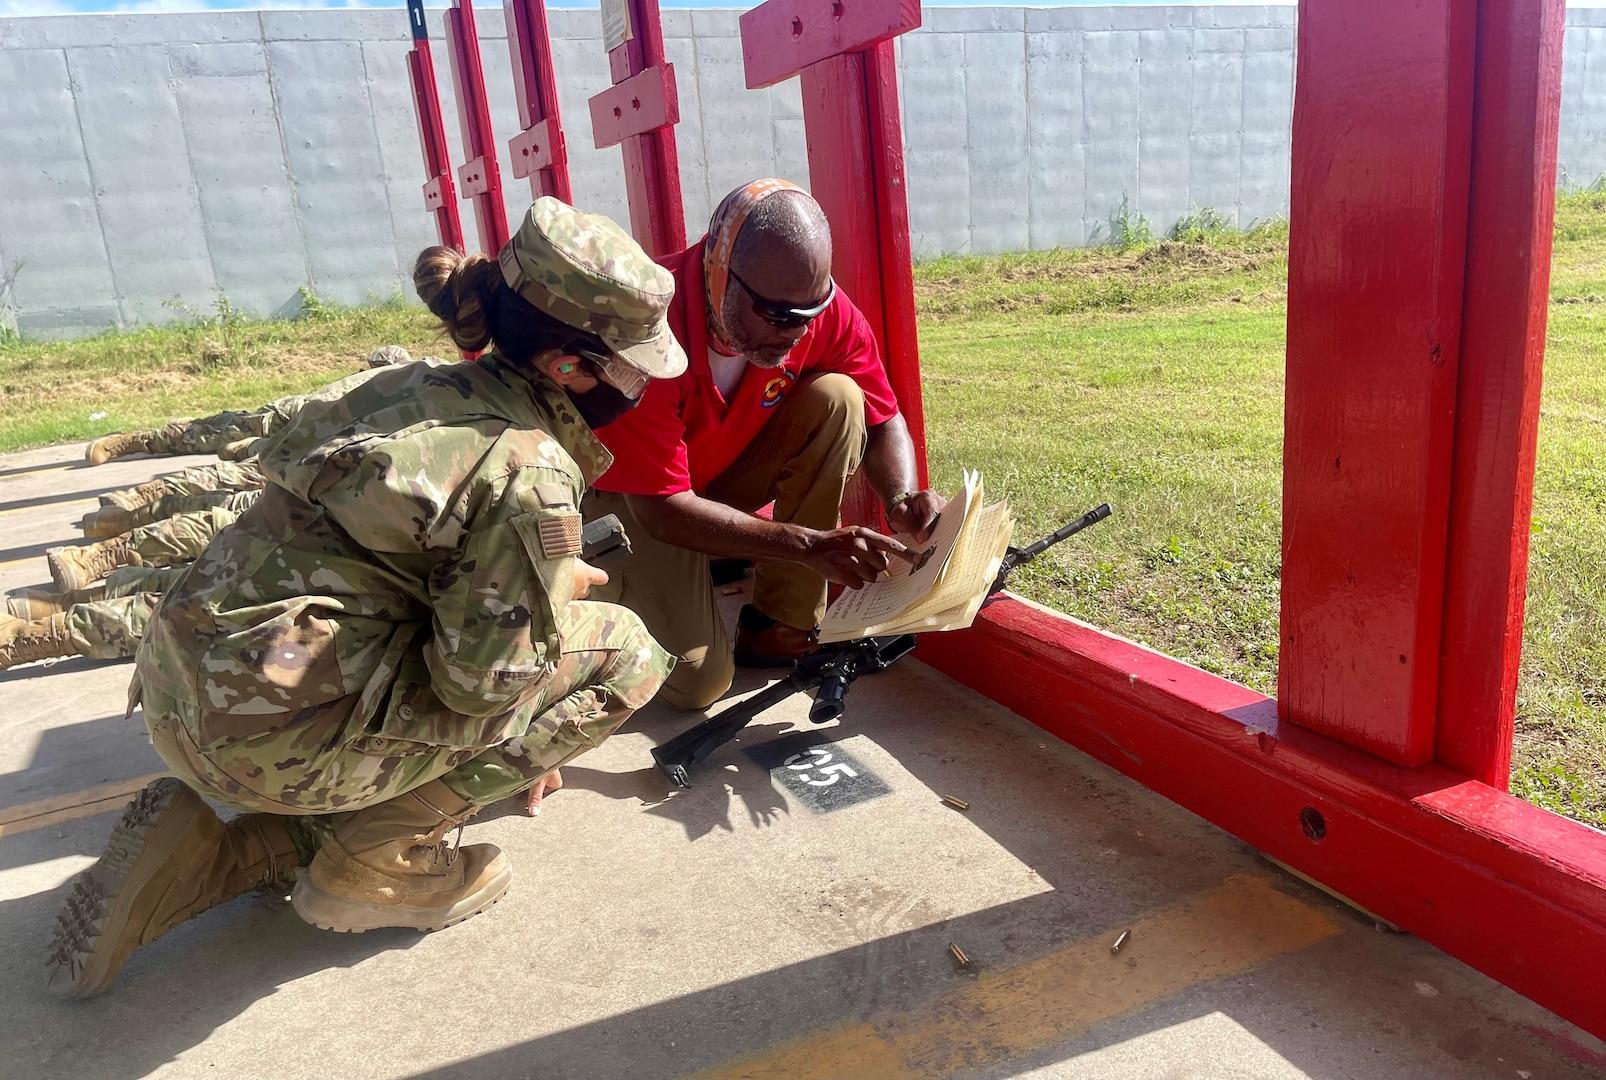 Trainee gets feedback on marksmanship